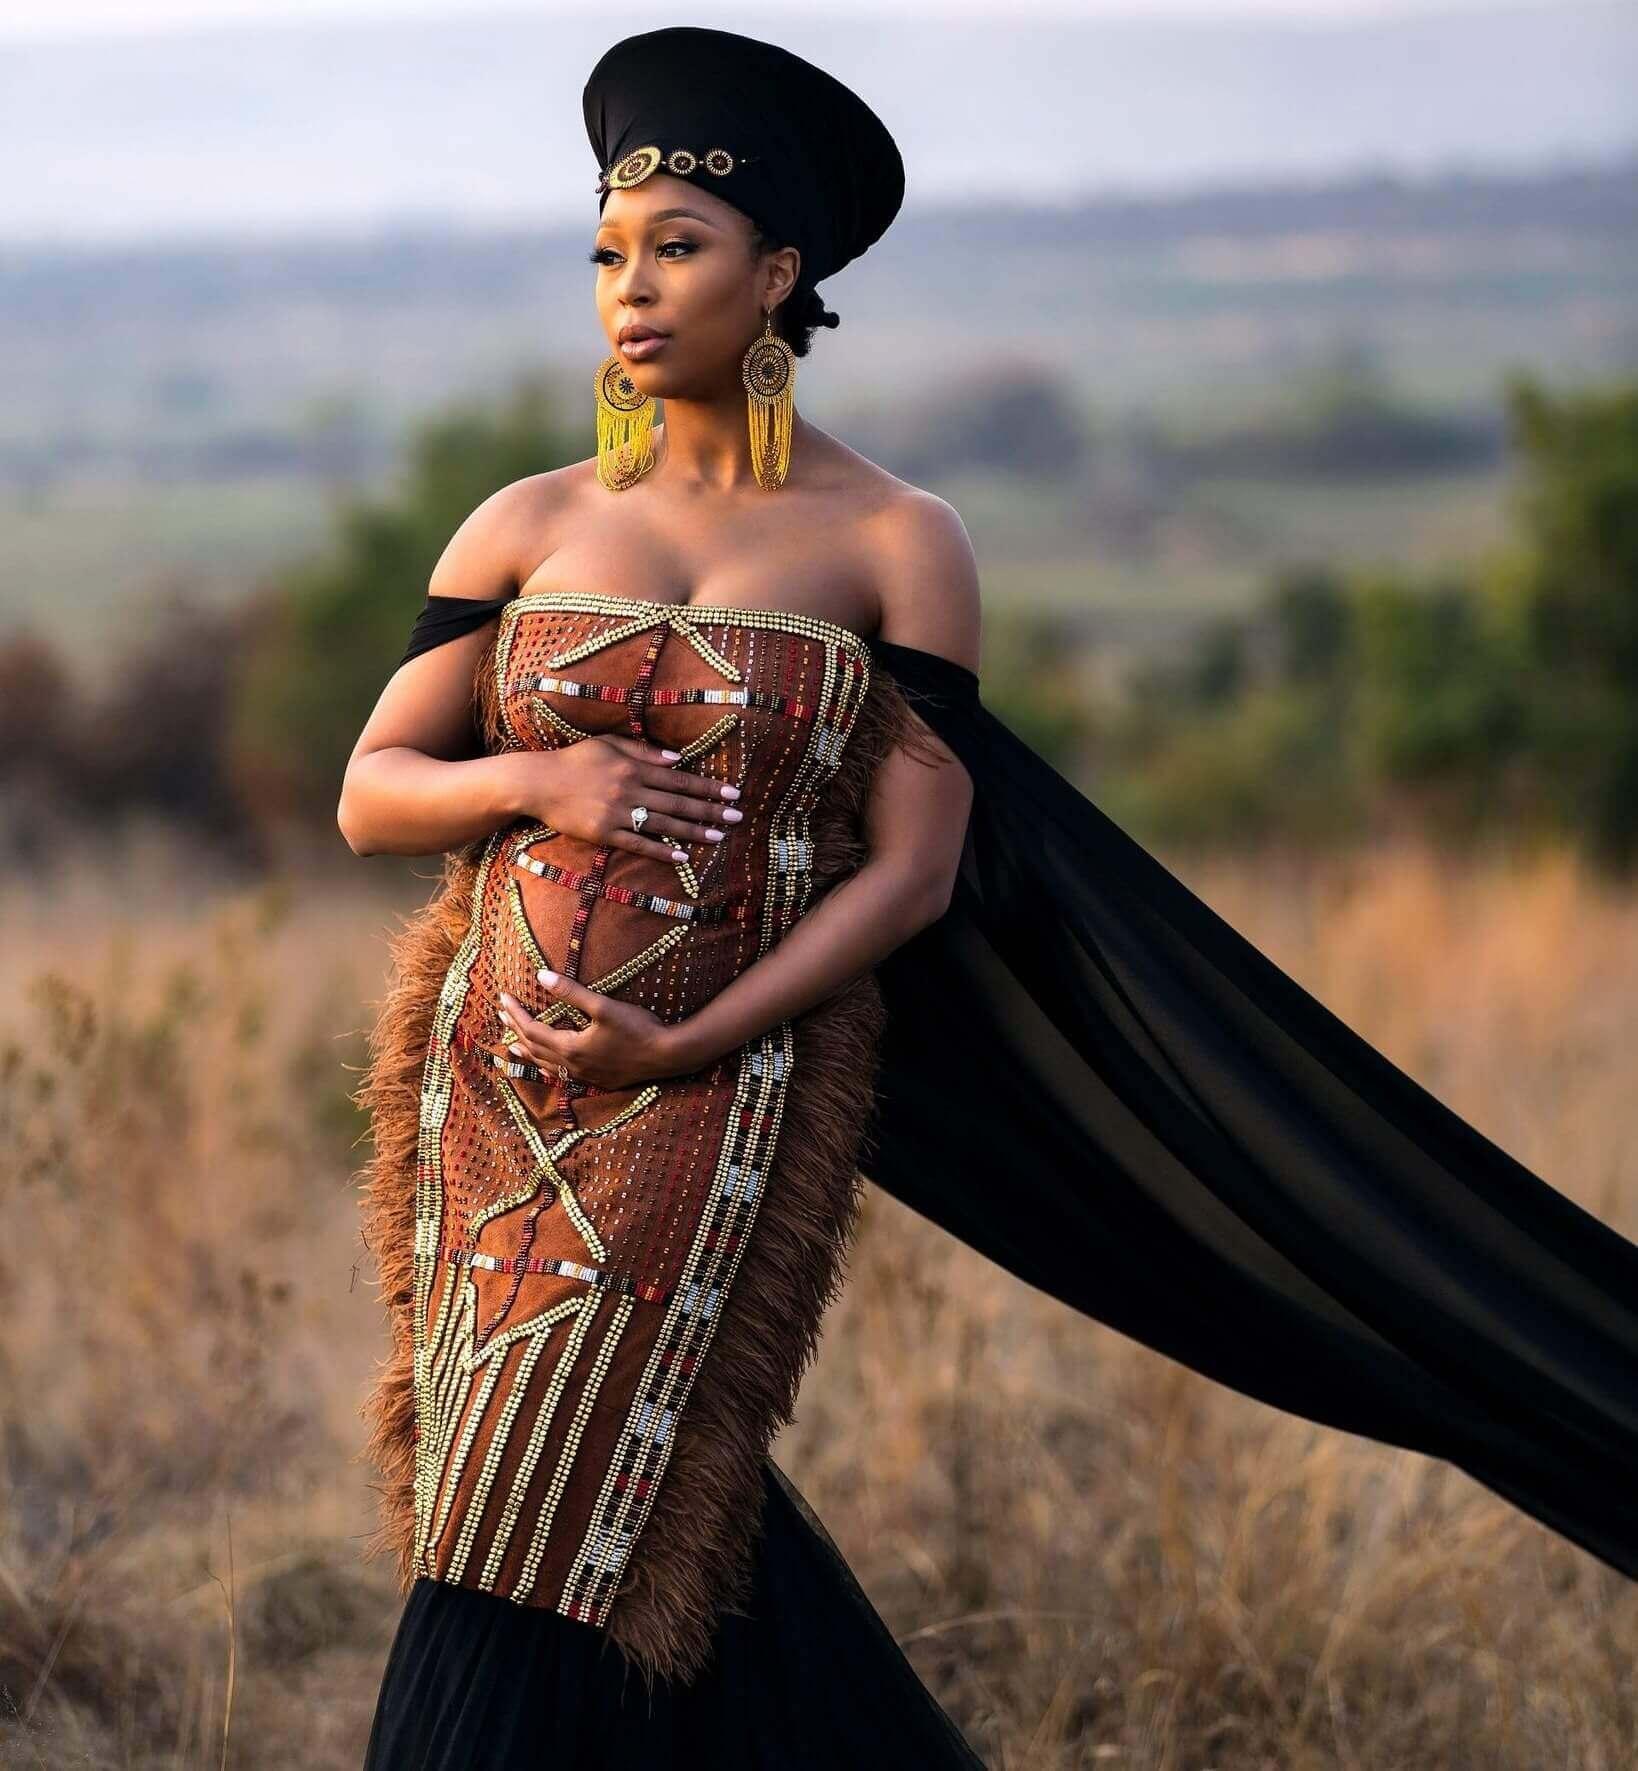 Minnie Dlamini-Jones Pregnant